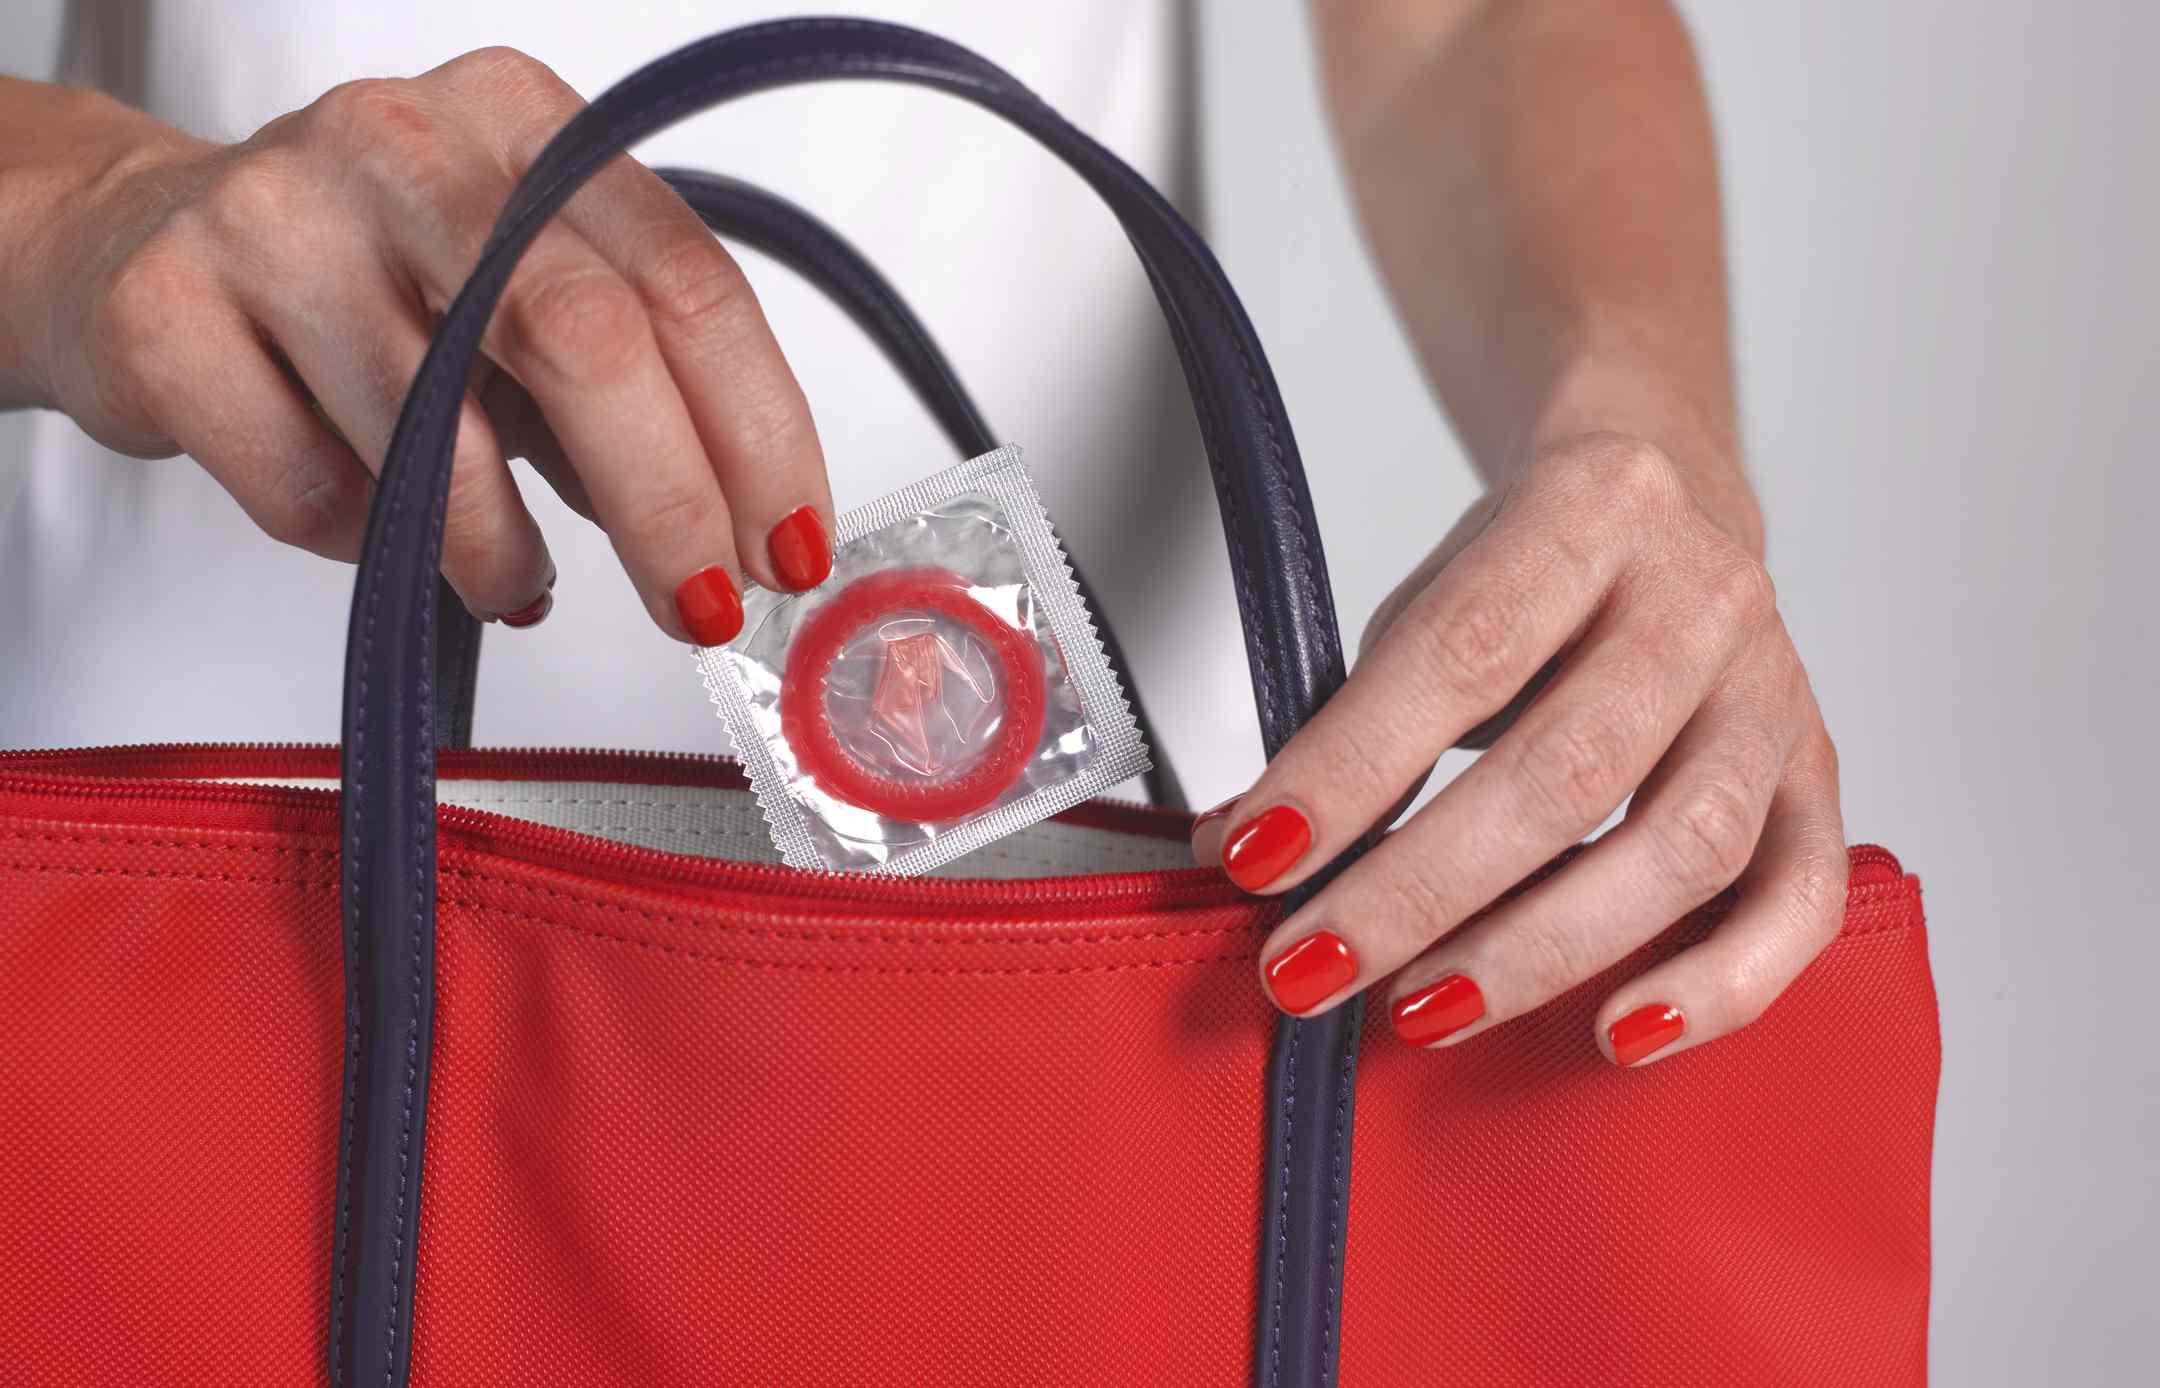 Strawberry condom in handbag